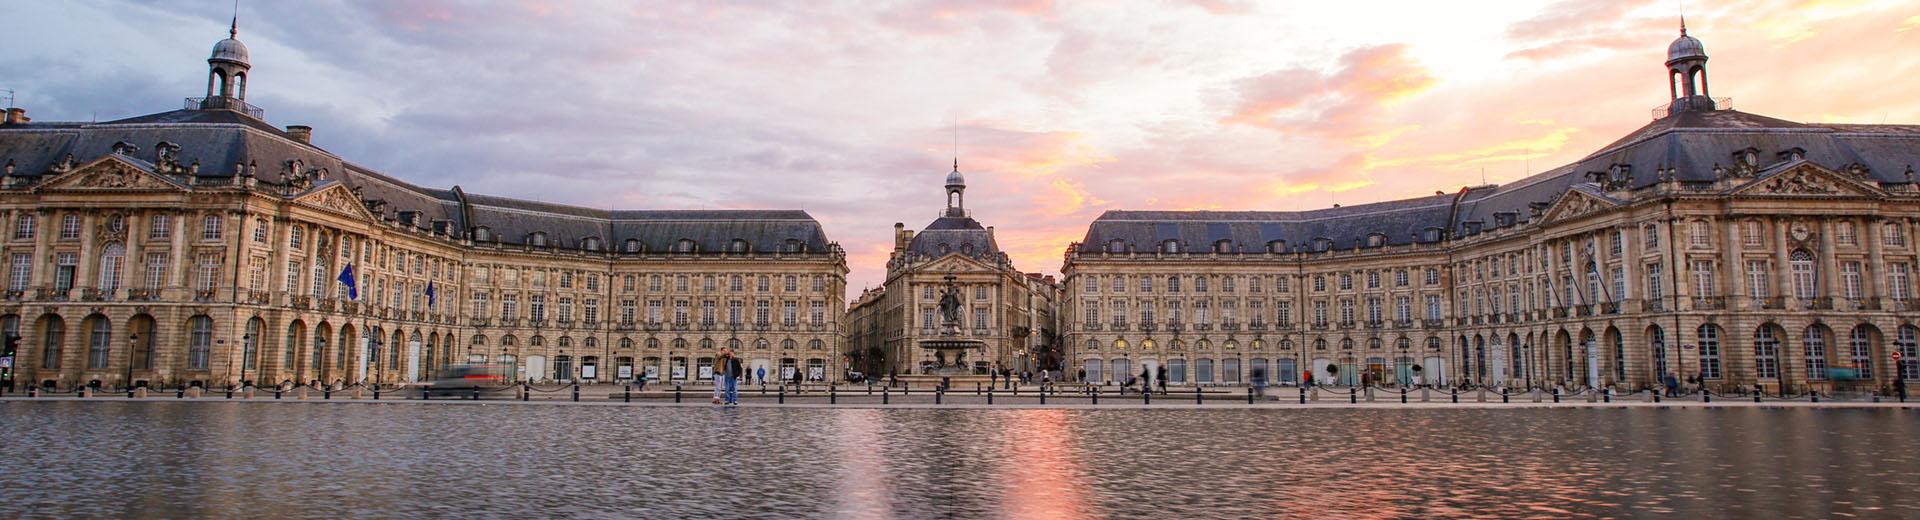 Voyage en groupe Bordeaux - offre Classique